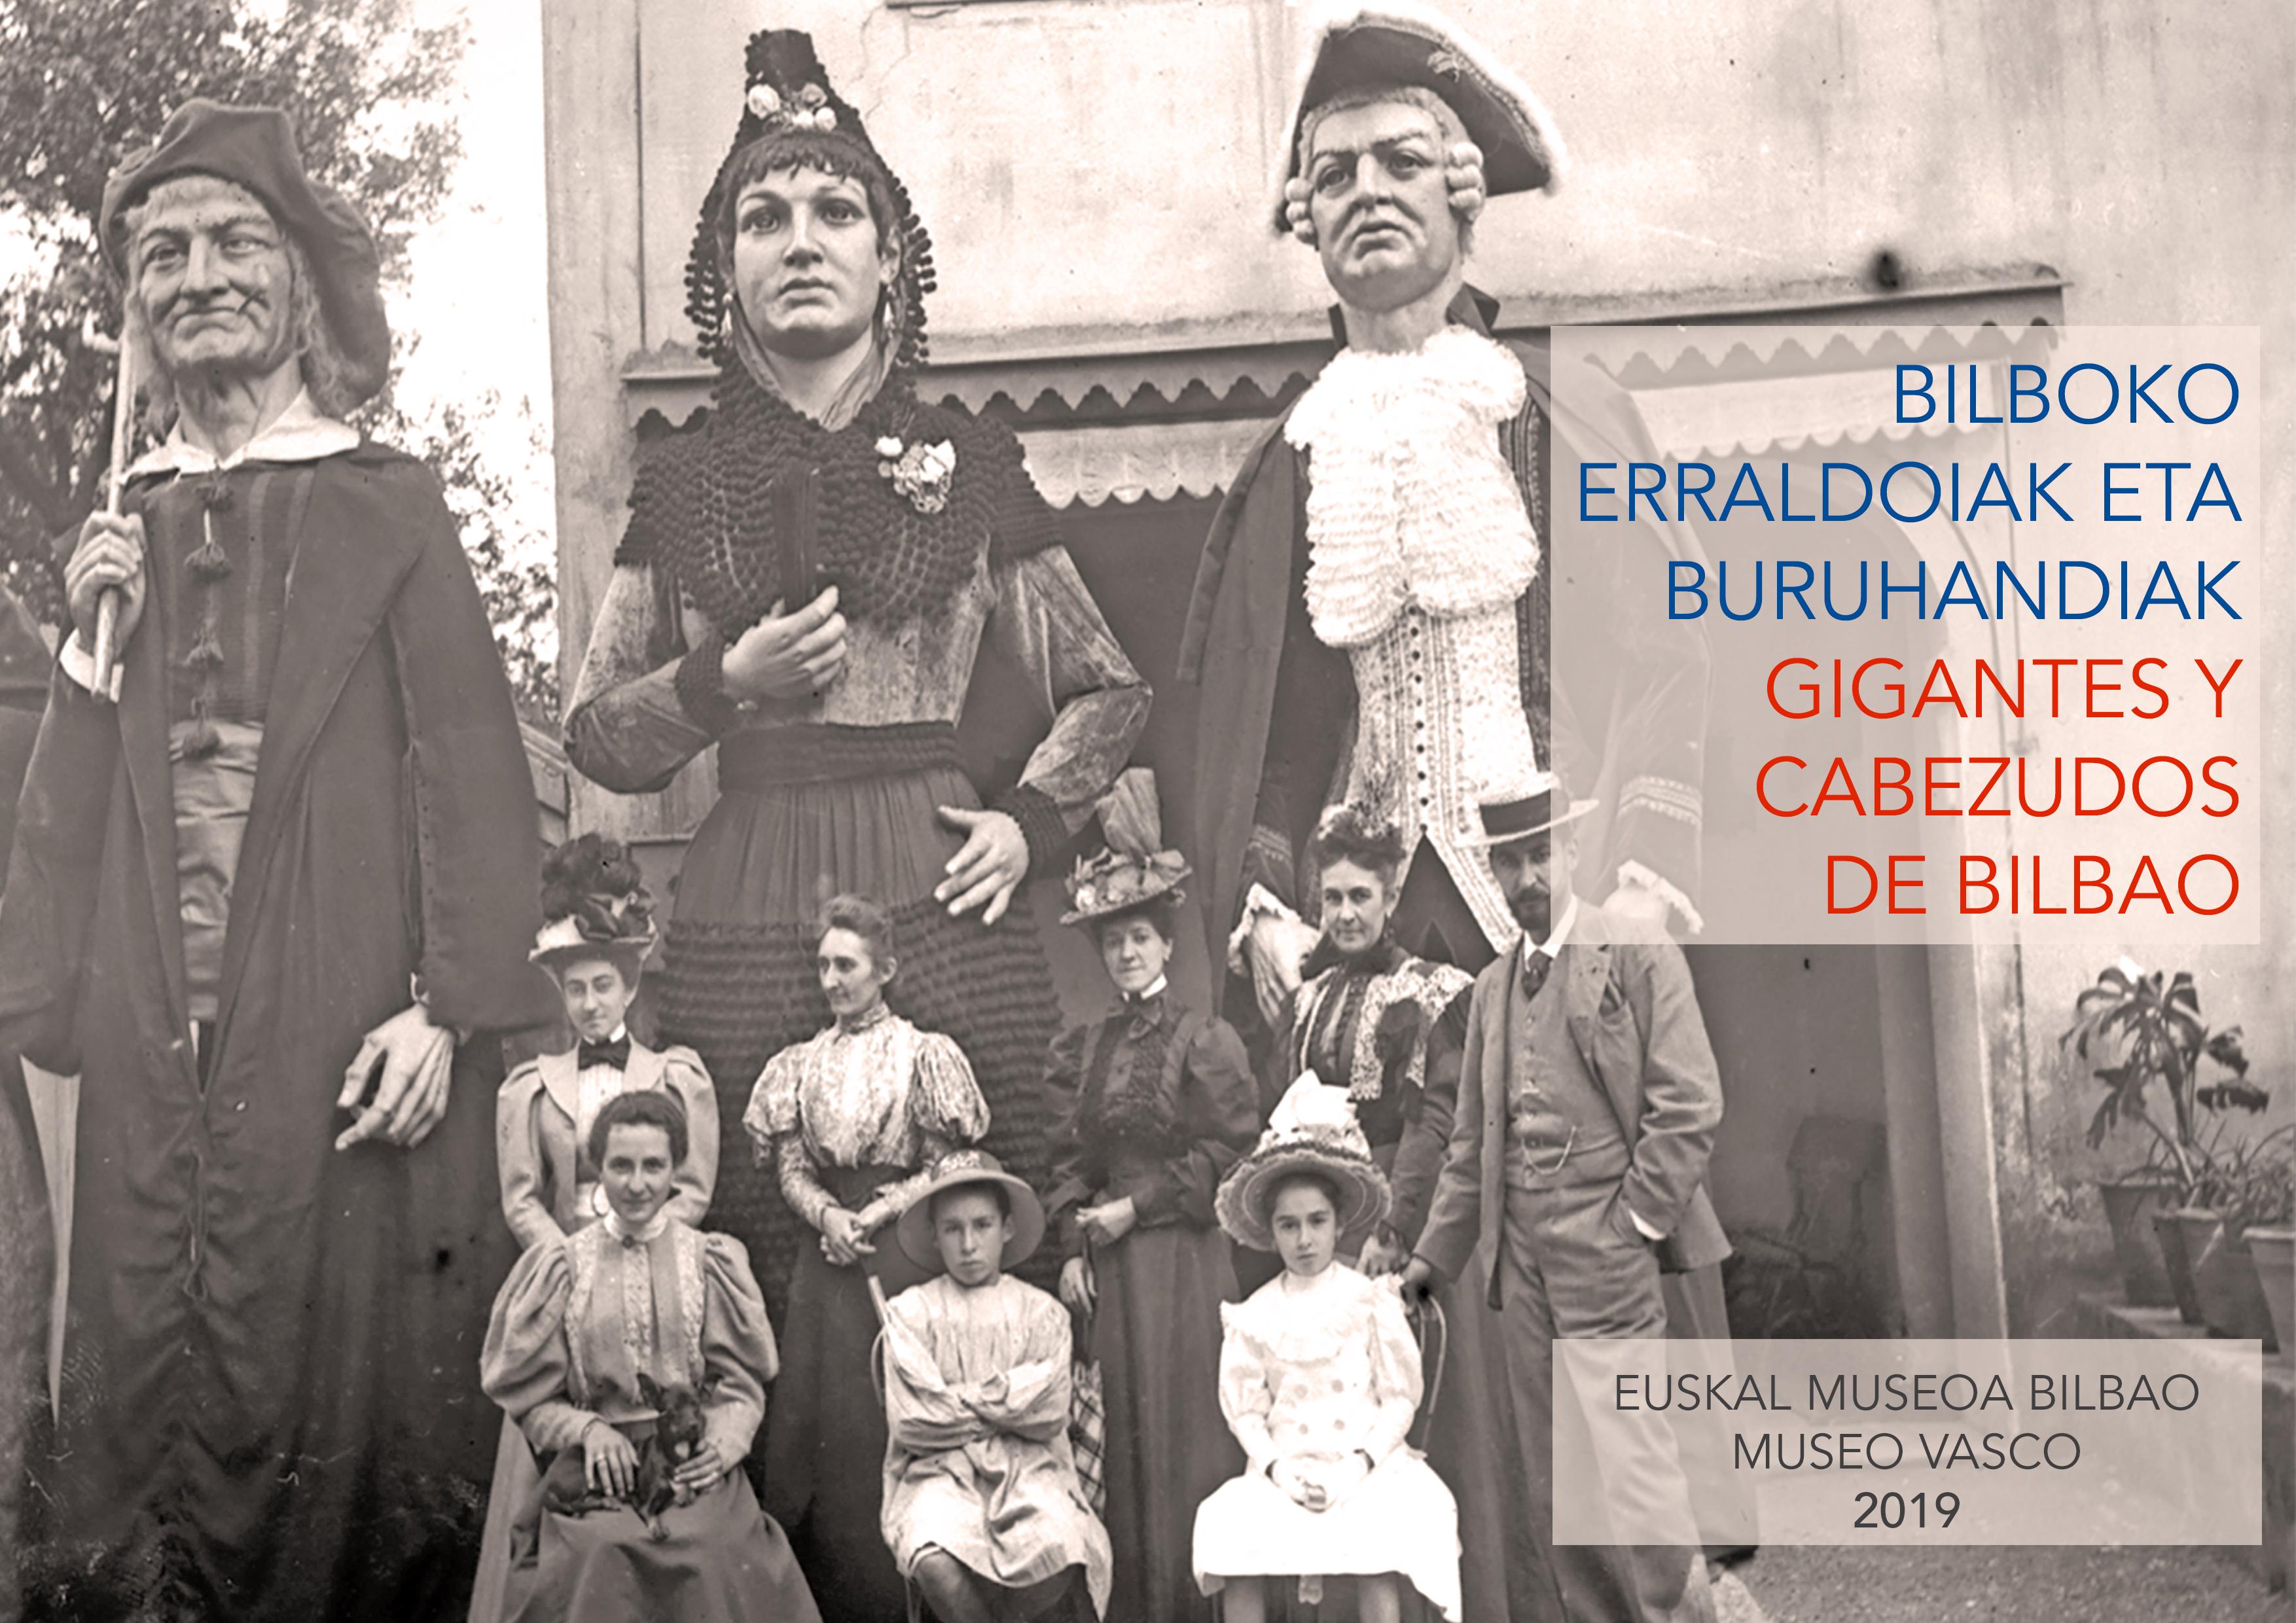 Gigantes y Cabezudos de Bilbao